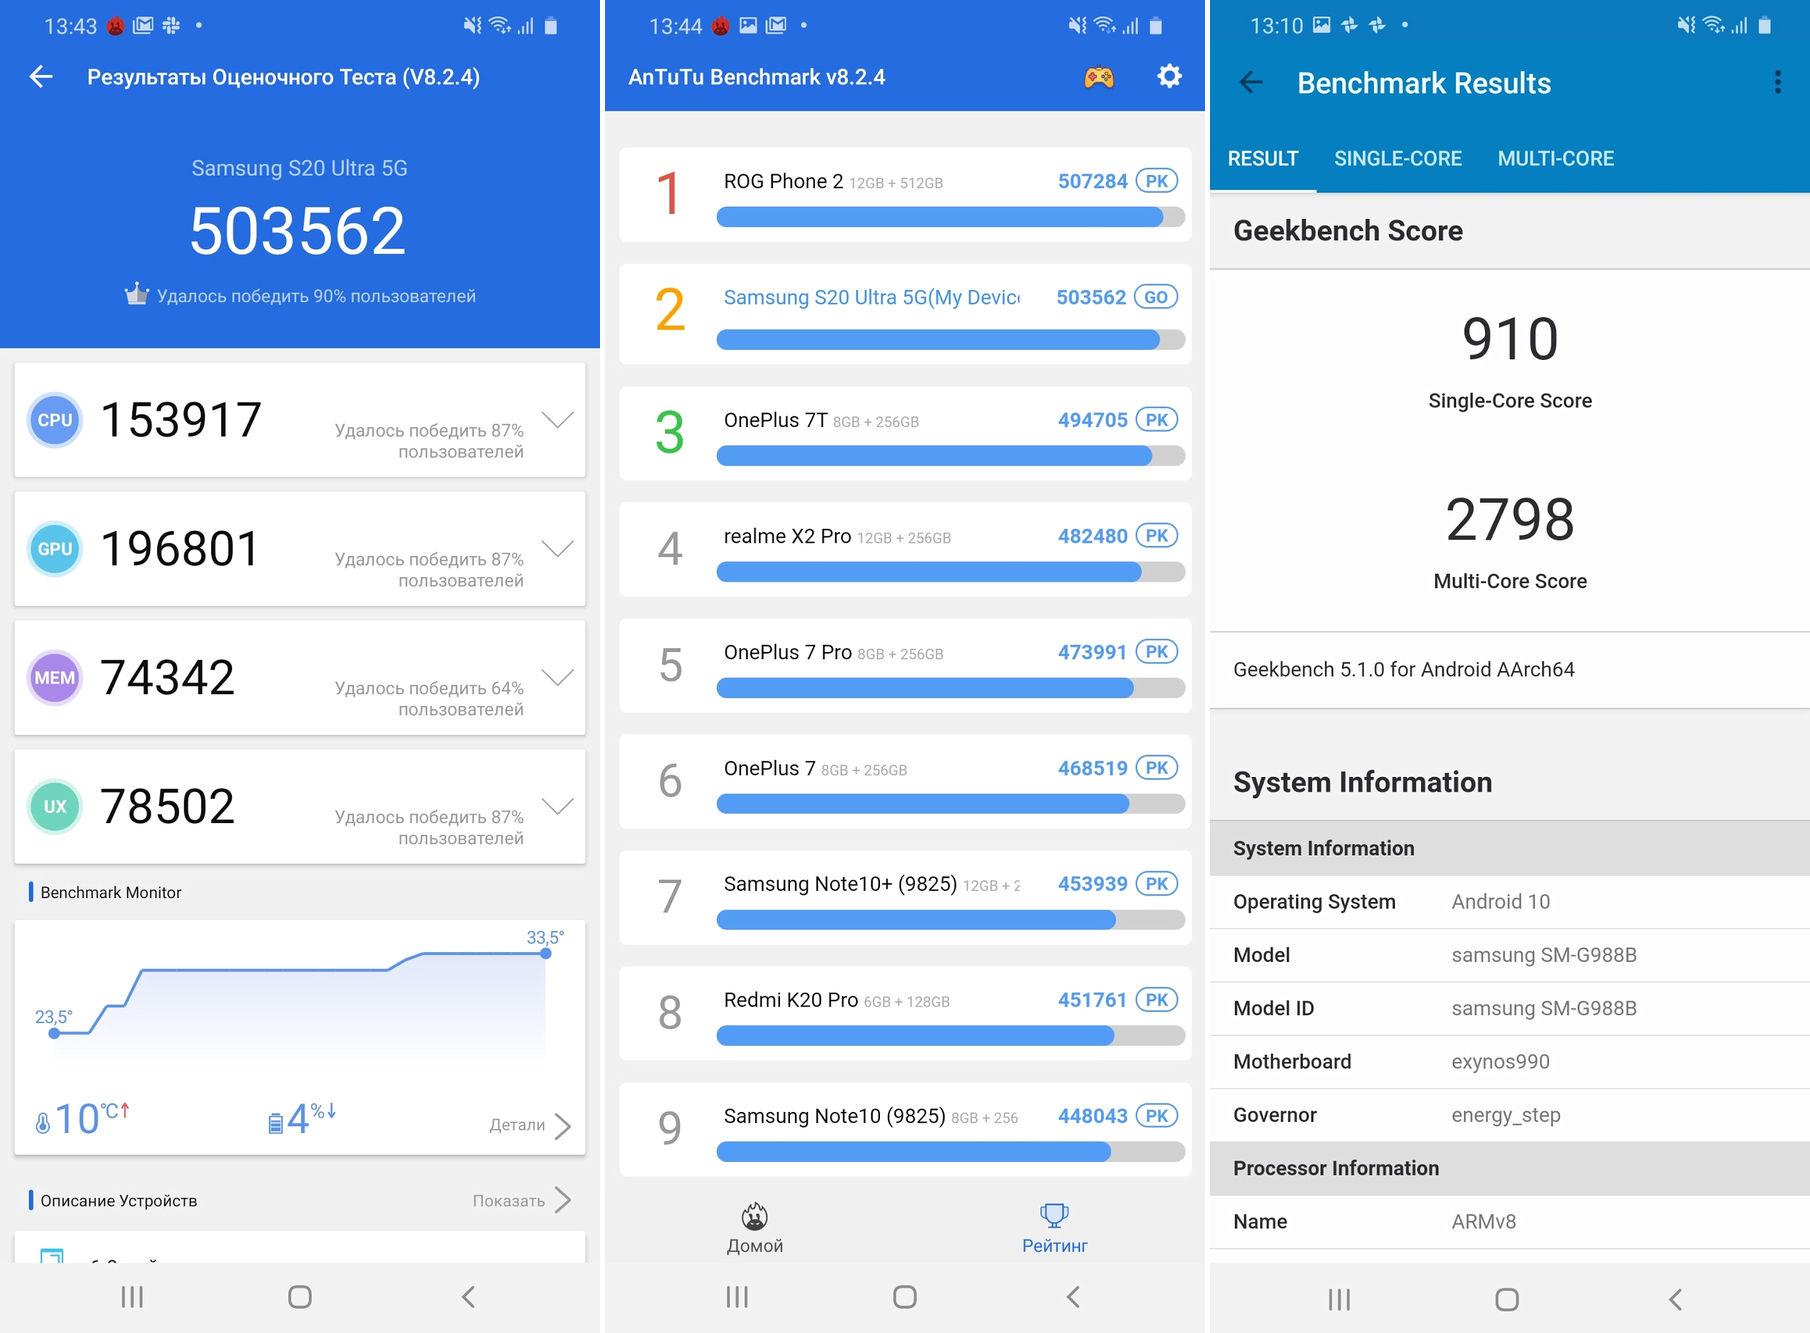 Обзор Samsung Galaxy S20 Ultra: производительность в AnTuTu и Geekbench